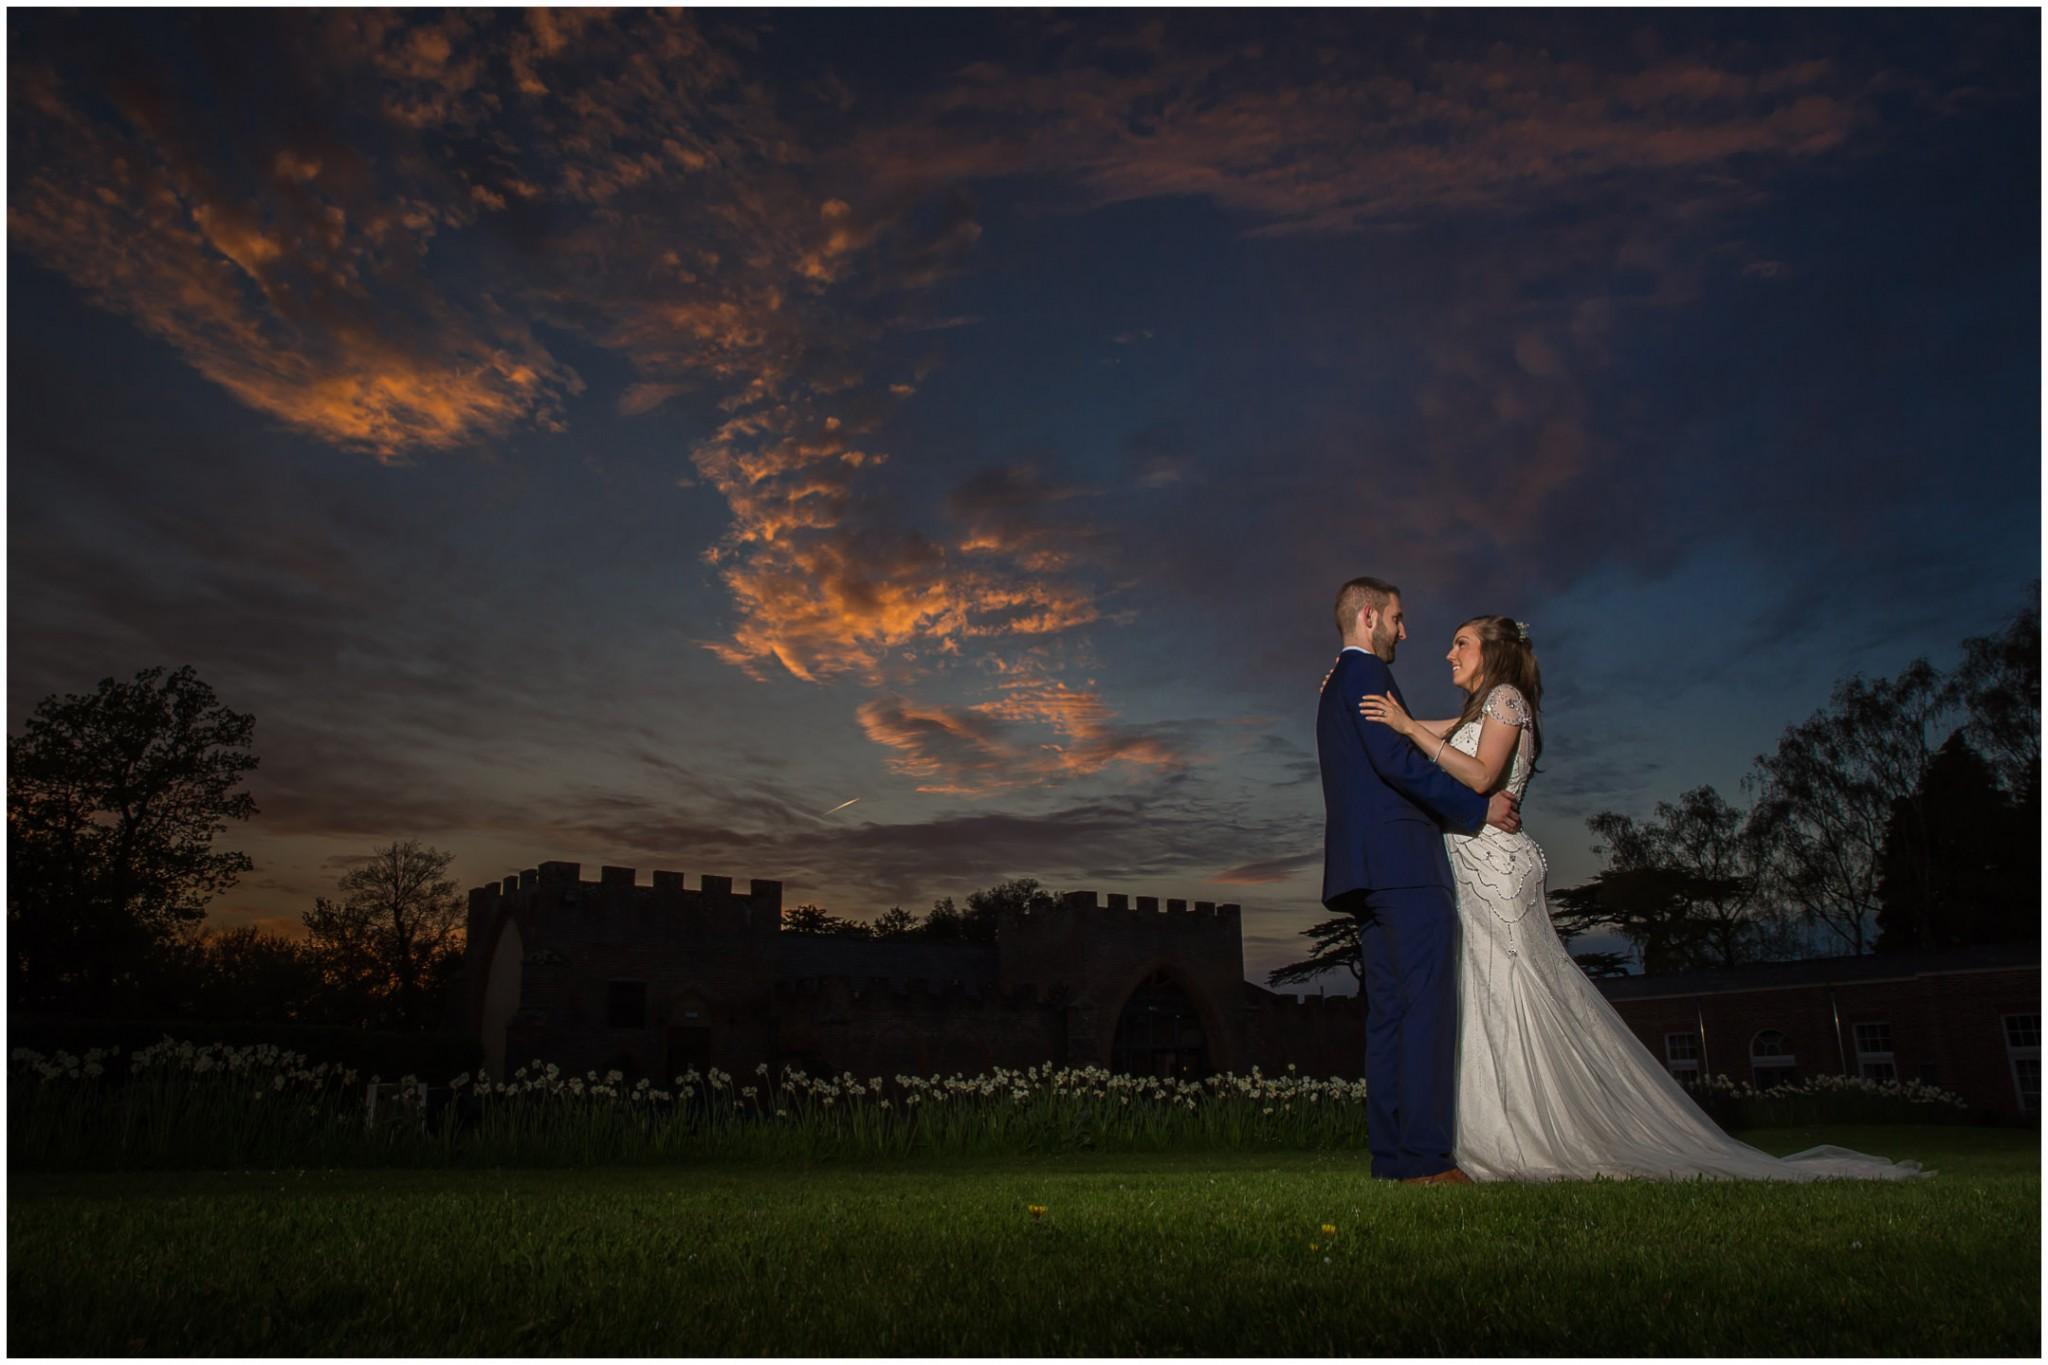 Wasing Park Wedding Photography sunset